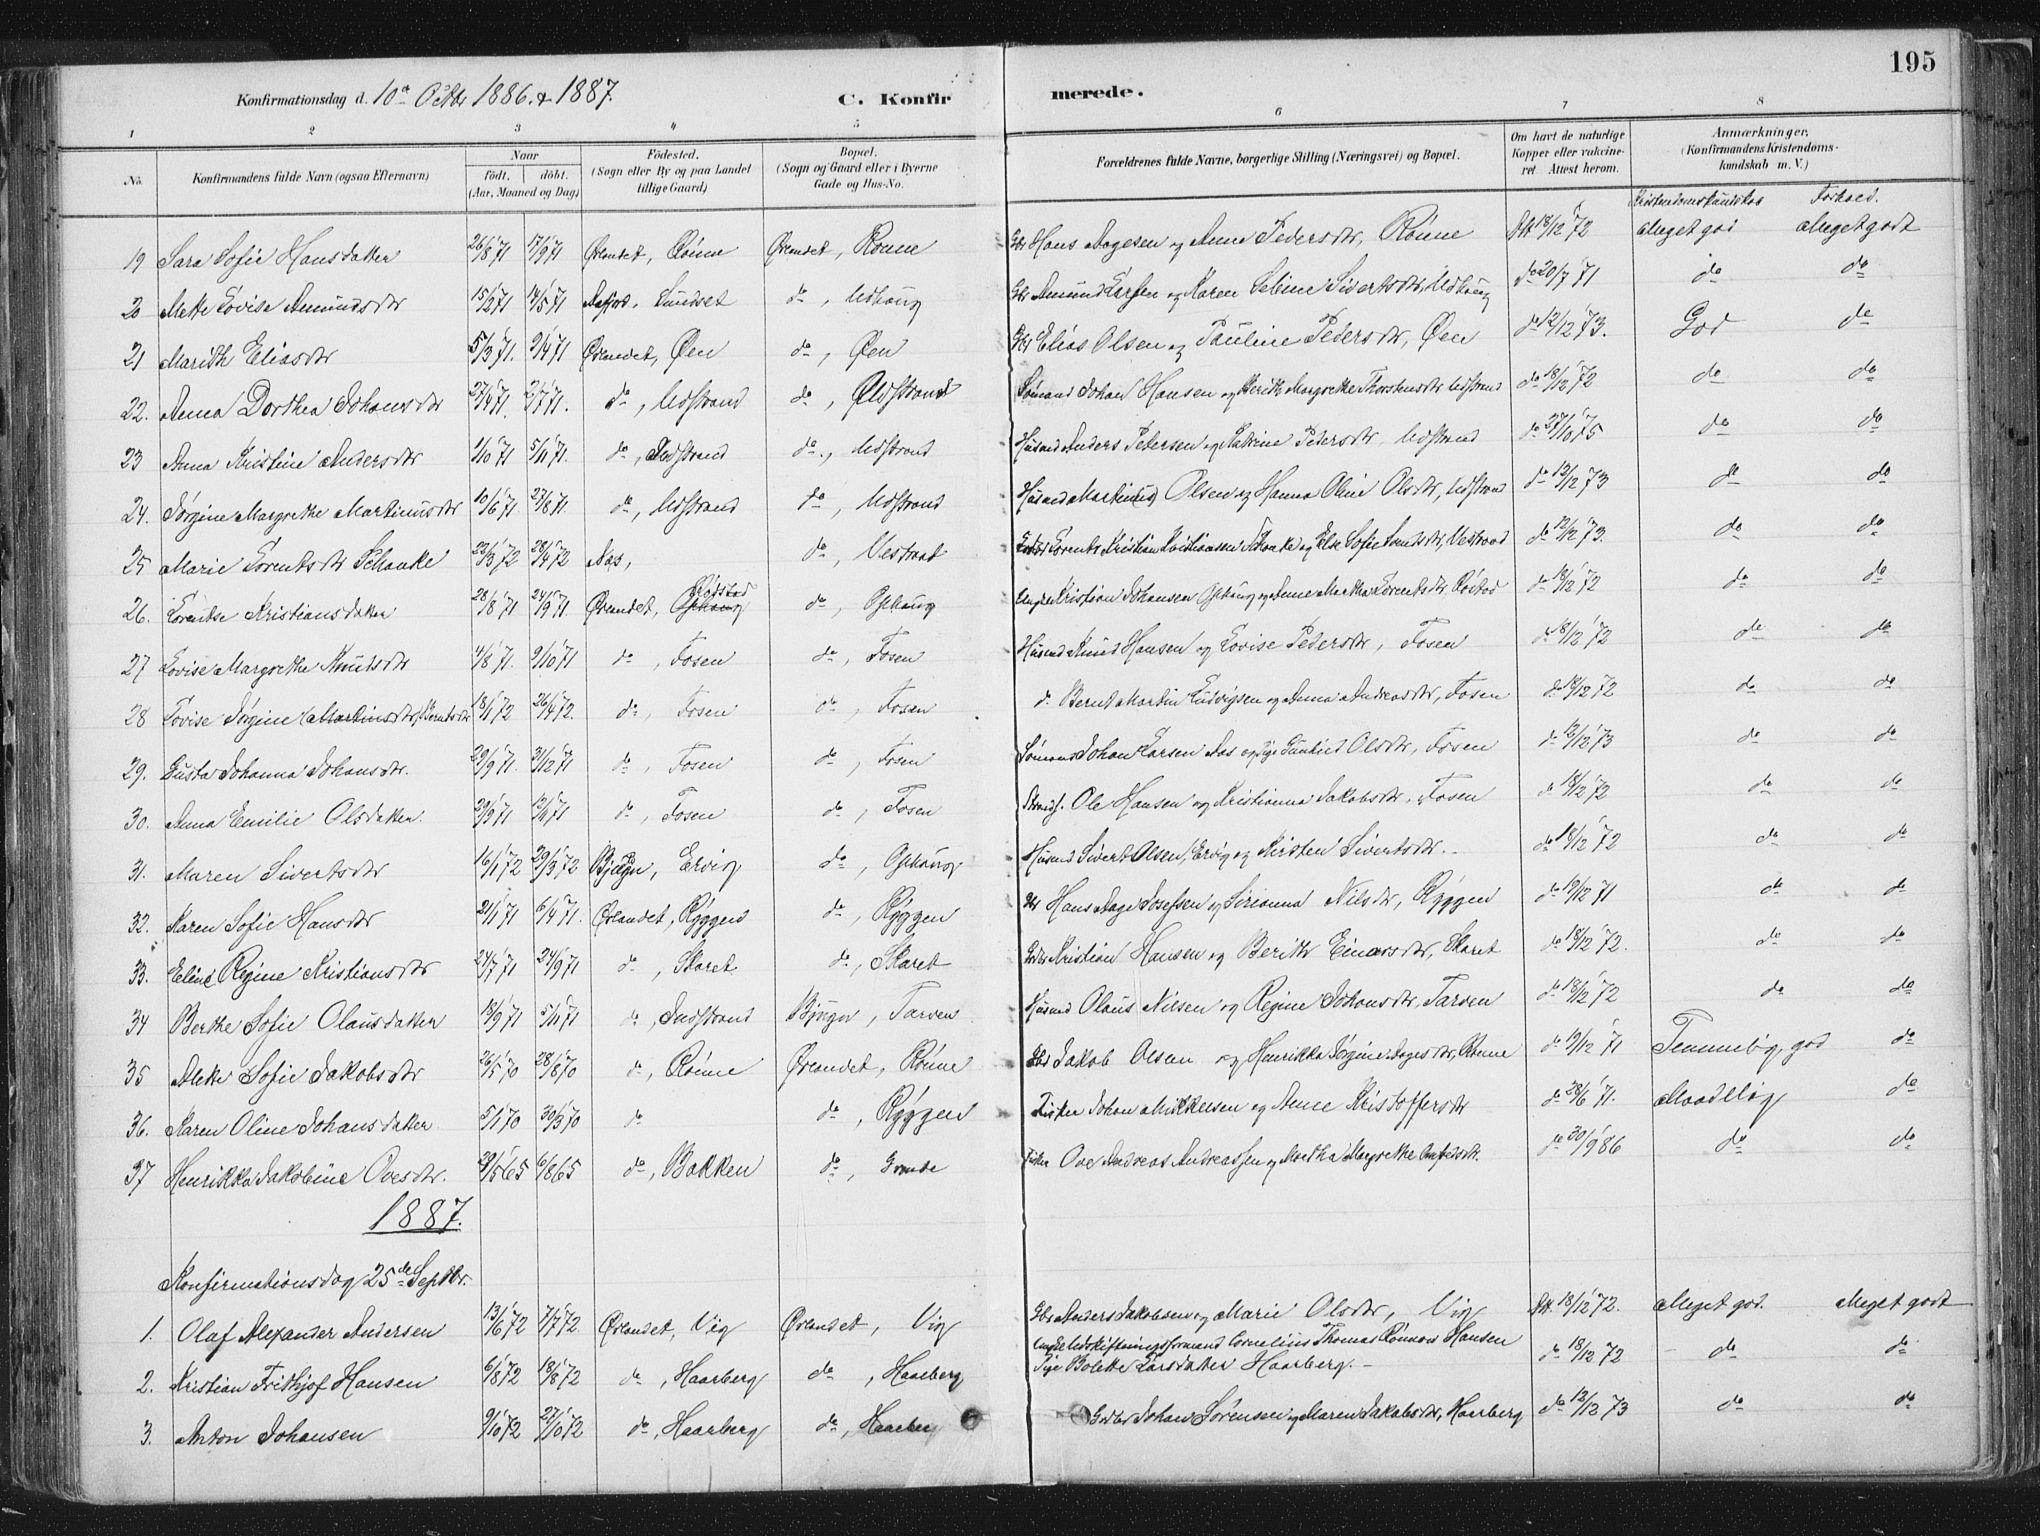 SAT, Ministerialprotokoller, klokkerbøker og fødselsregistre - Sør-Trøndelag, 659/L0739: Ministerialbok nr. 659A09, 1879-1893, s. 195